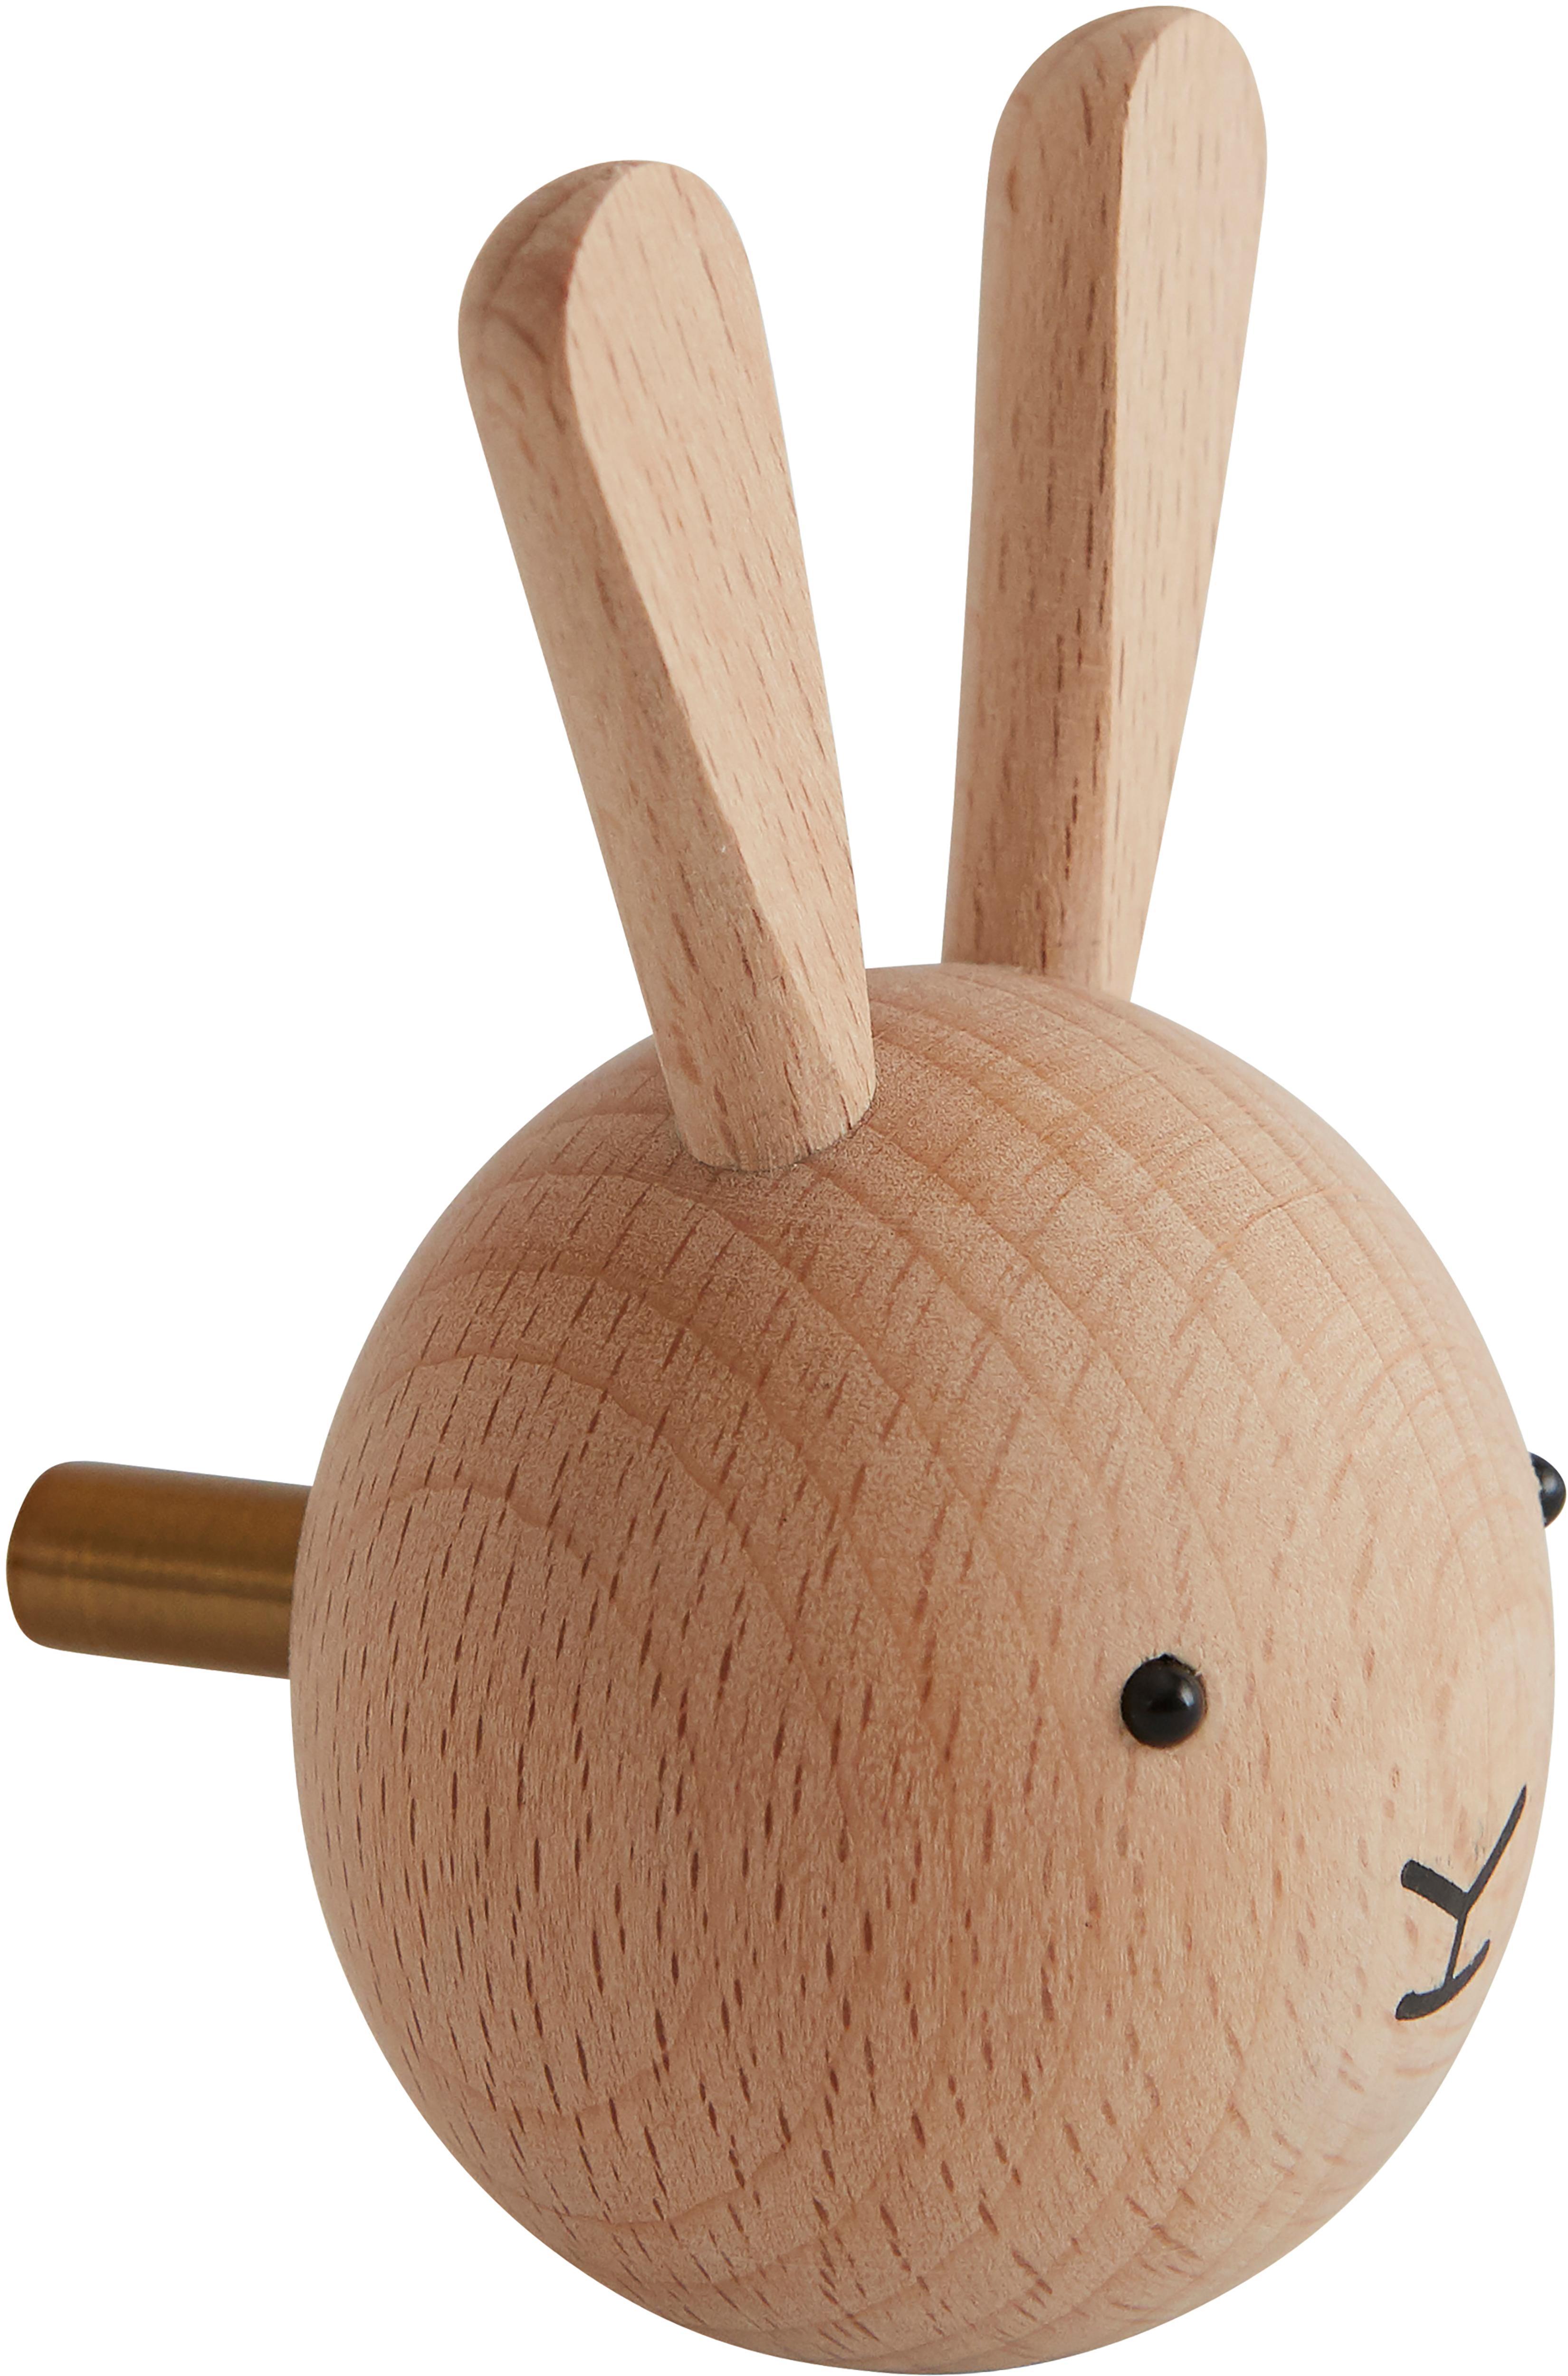 Hak ścienny z drewno bukowego Rabbit, Drewno bukowe, Drewno naturalne, czarny, S 5 x W 8 cm